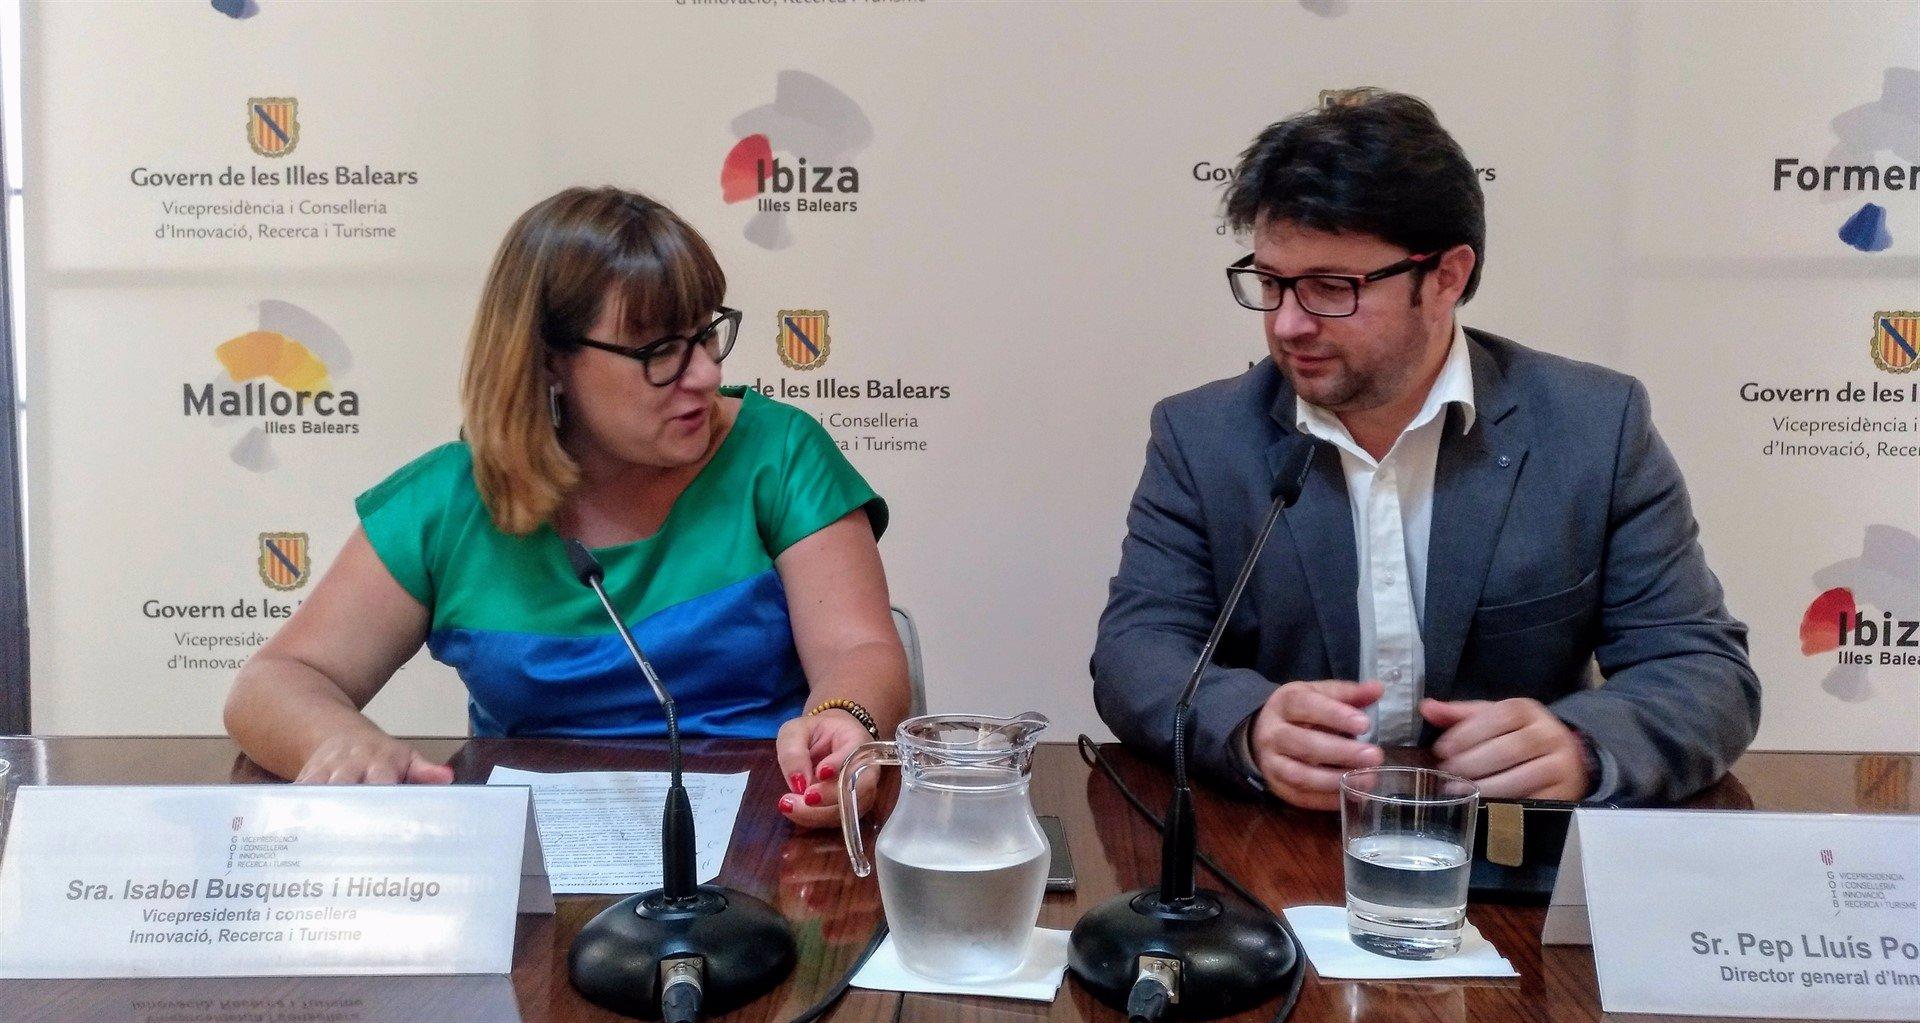 El Govern anuncia una nueva línea de ayudas por valor de 2,75 millones de euros para empresas innovadoras